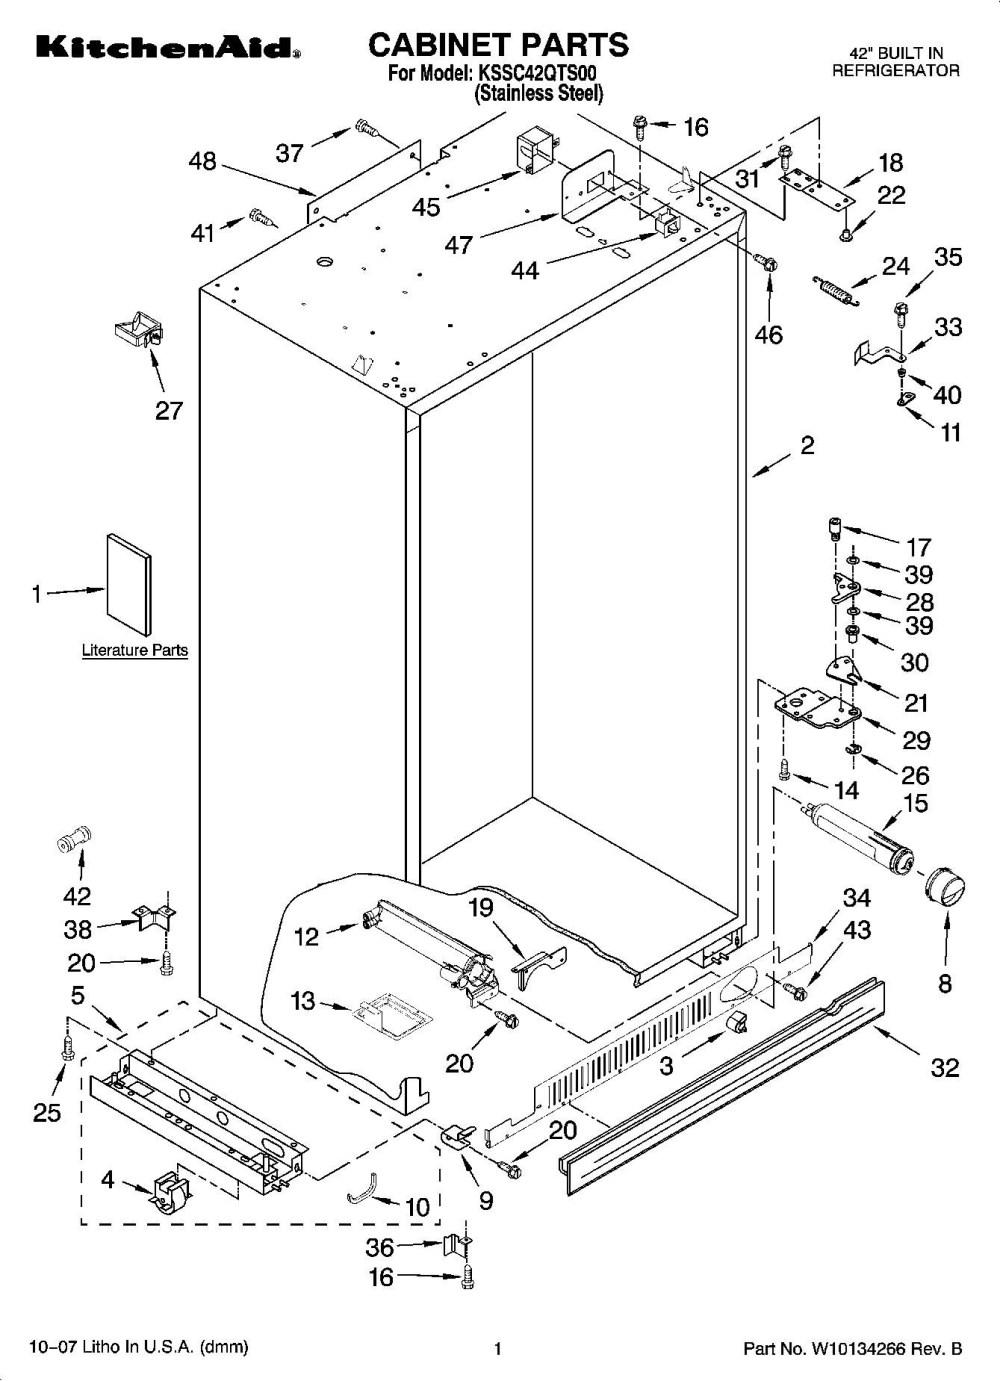 Kitchenaid Refrigerator Parts List   Dandk Organizer